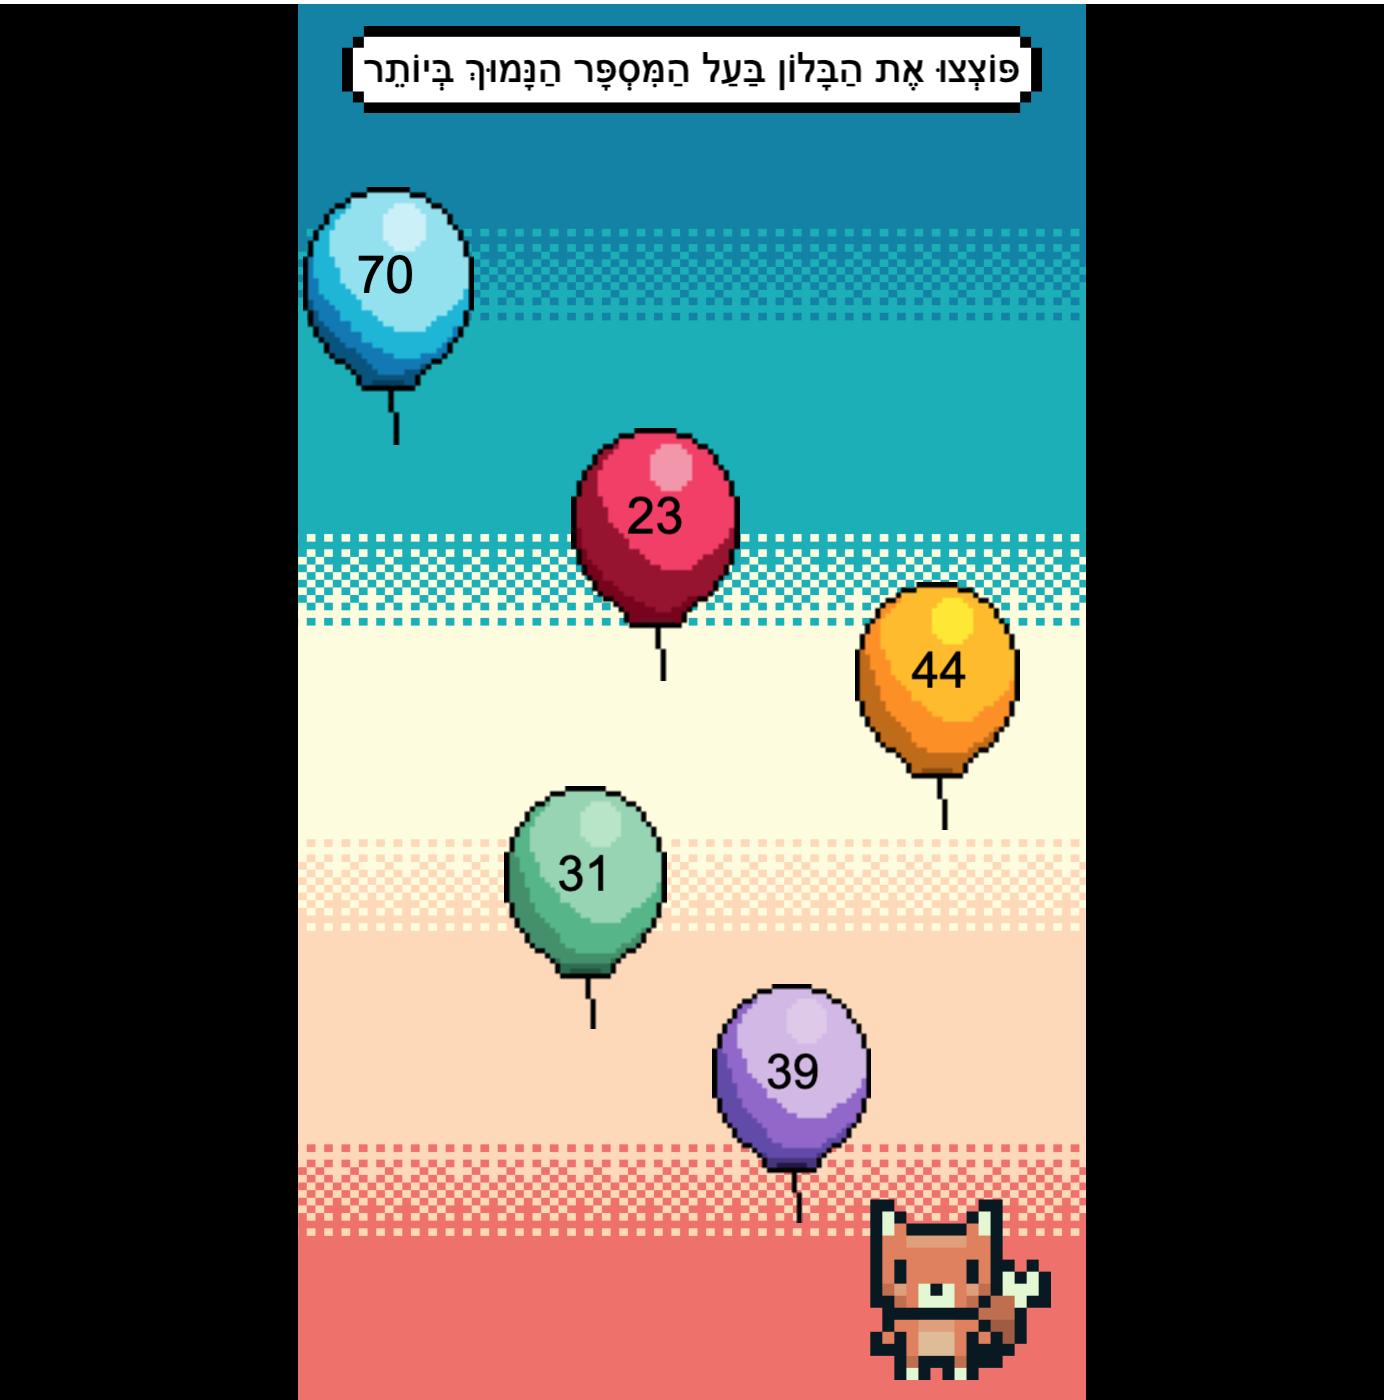 פוקסי – משחק למציאת מספר גדול/קטן – הבלונים